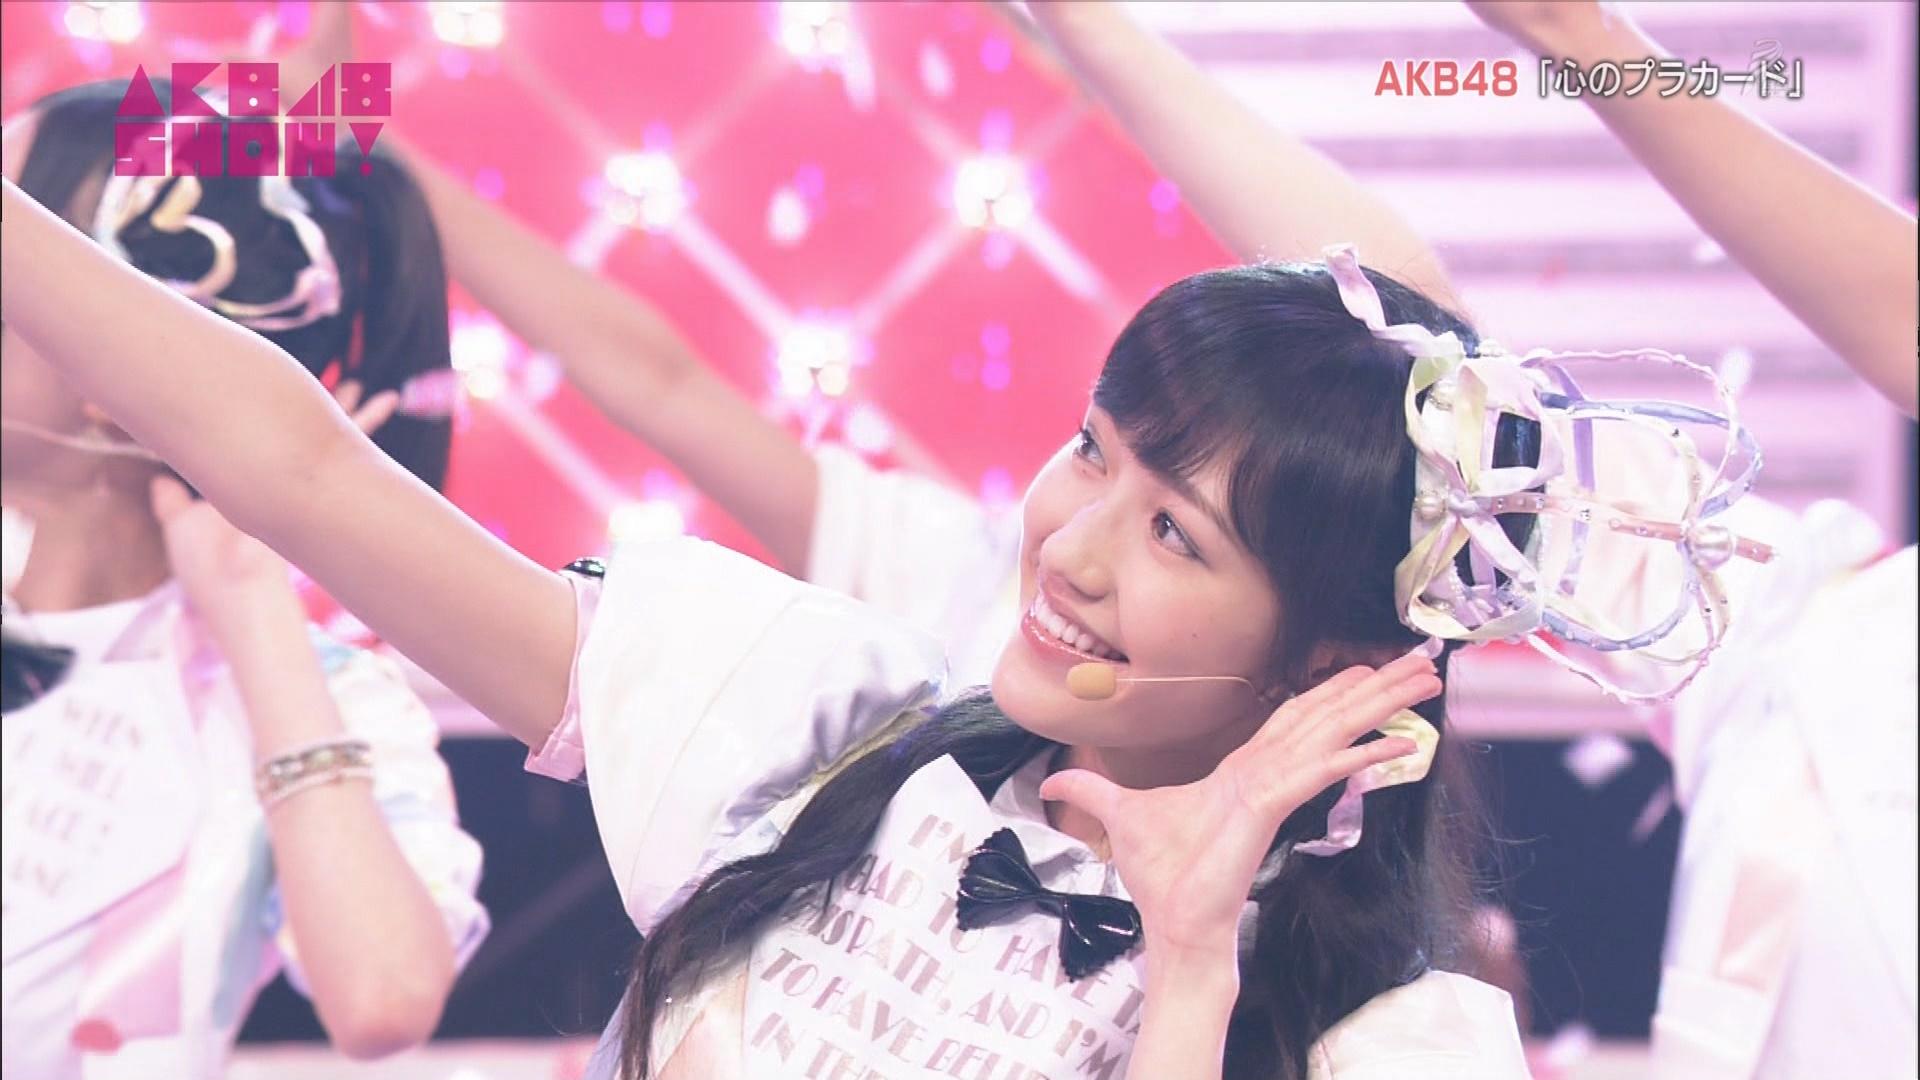 AKB48SHOW 心のプラカード 渡辺麻友 20140830 (17)